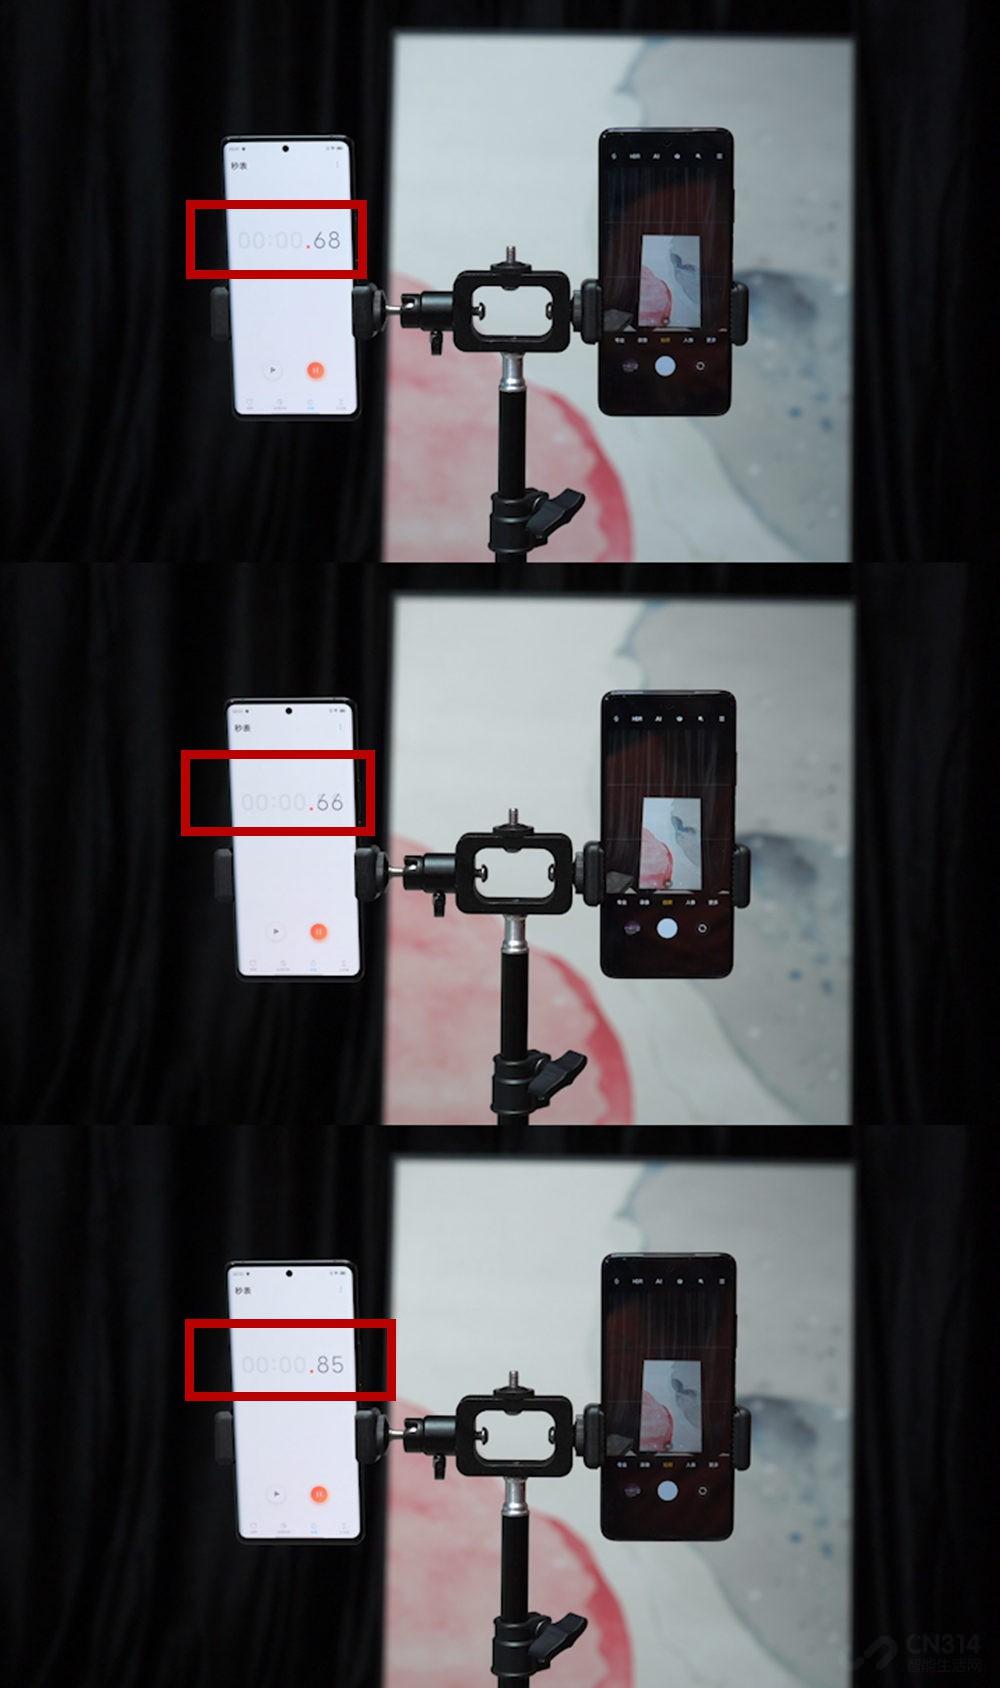 都是同型号一亿像素镜头 使用有差别吗?插图(4)